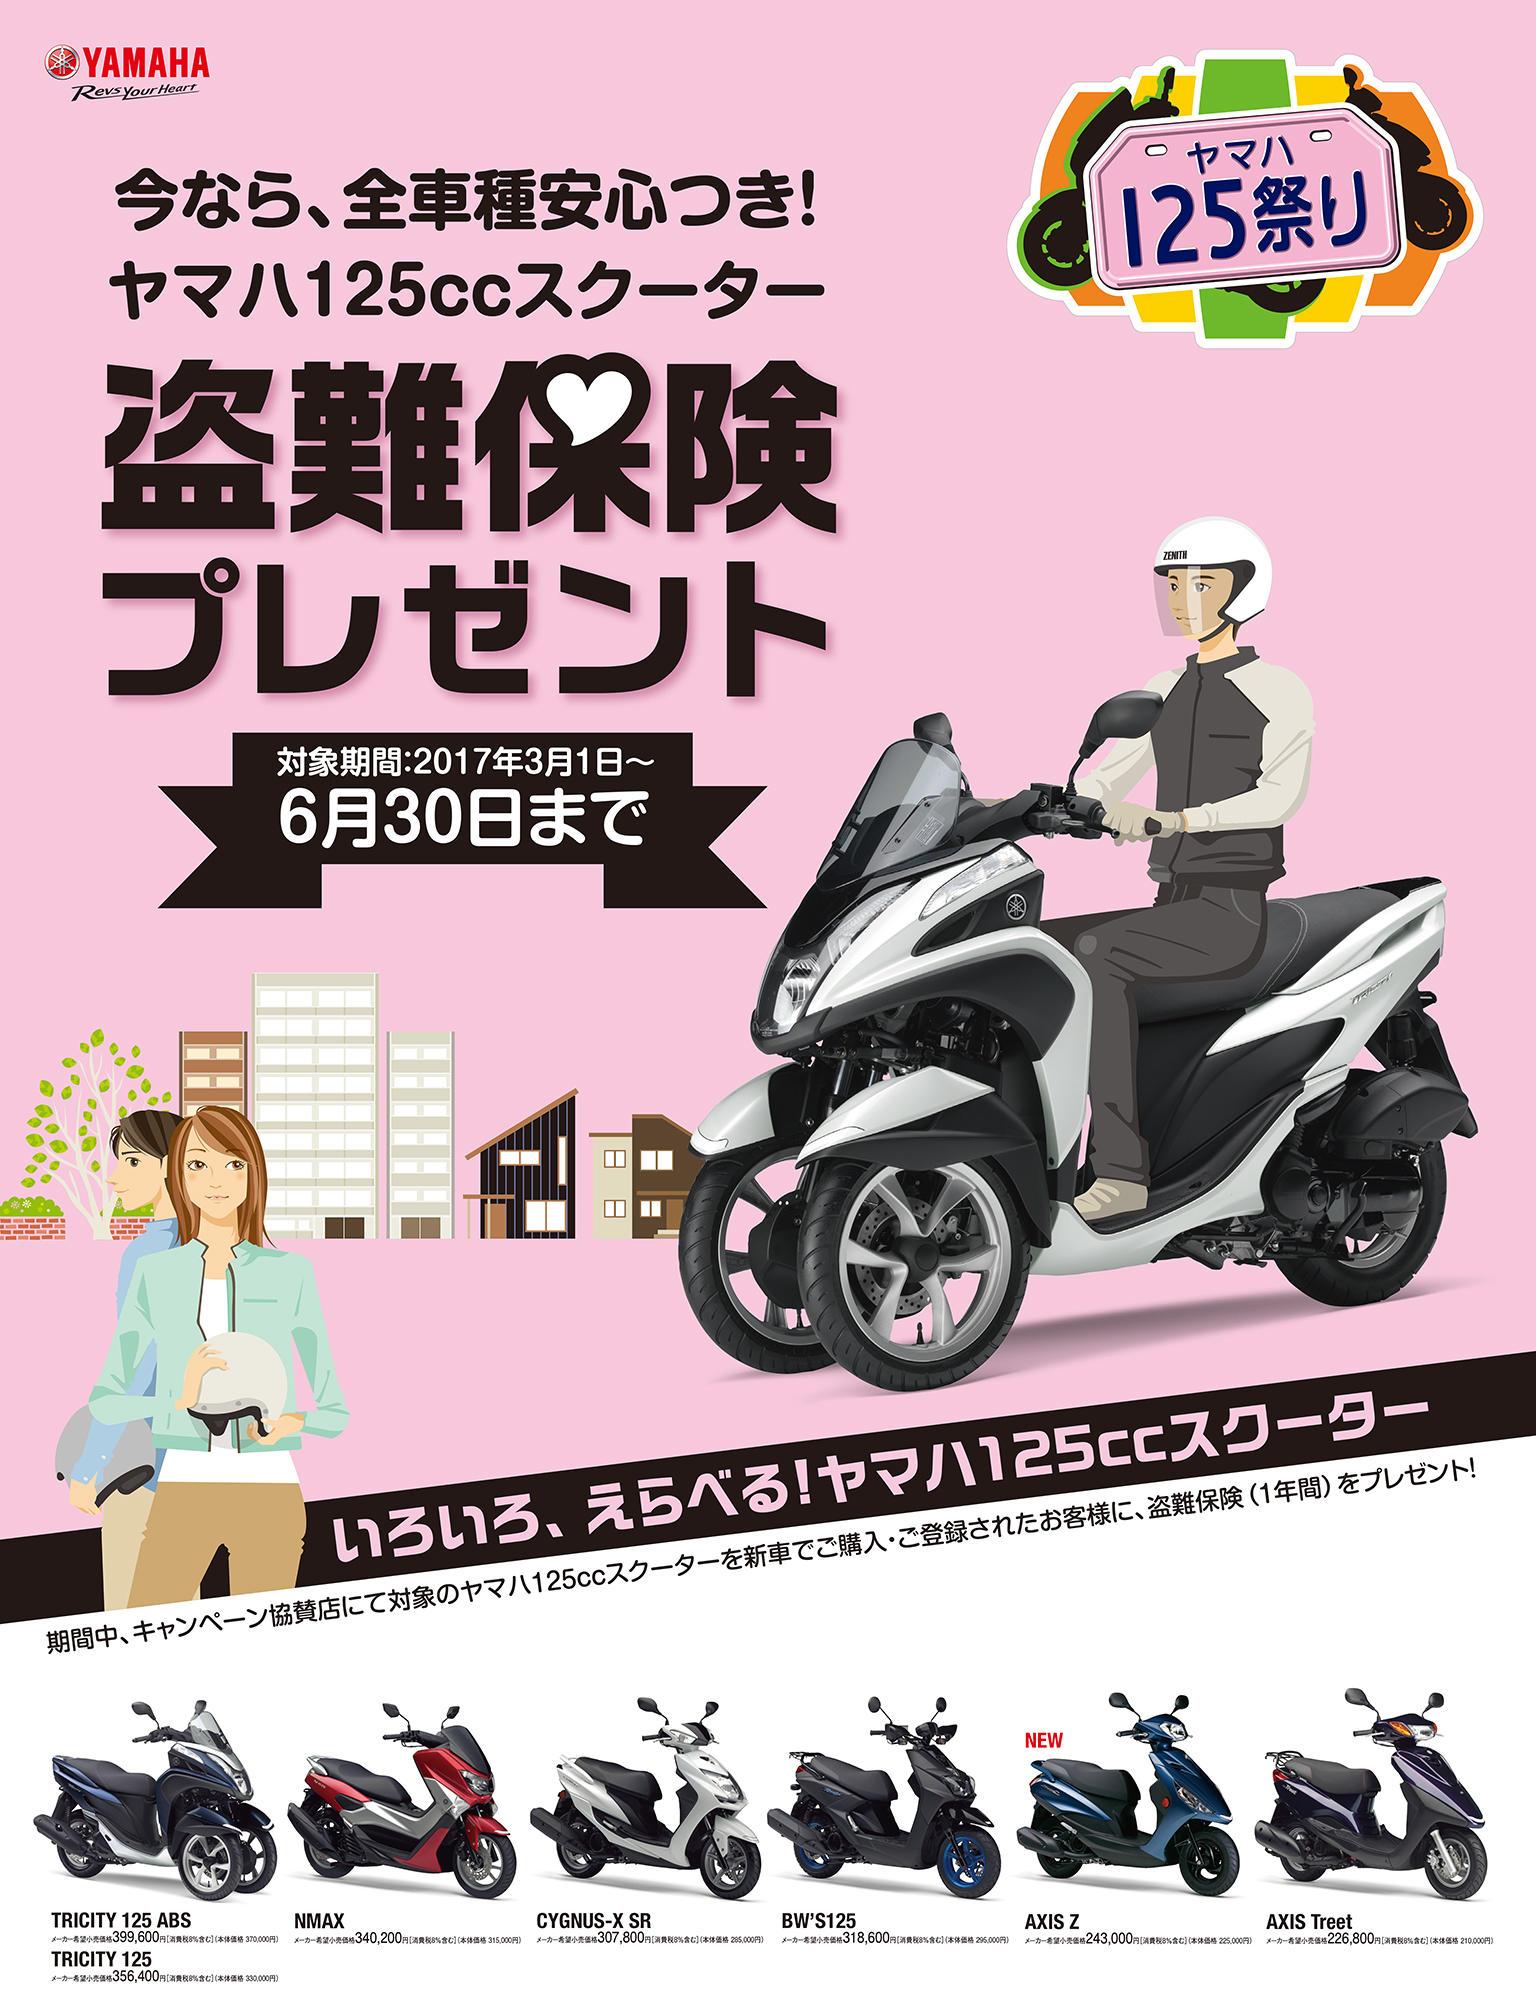 125cc スクーターを安心してお使いいただけるよう、新車購入者を対象に1年間の盗難保険をプレゼント!